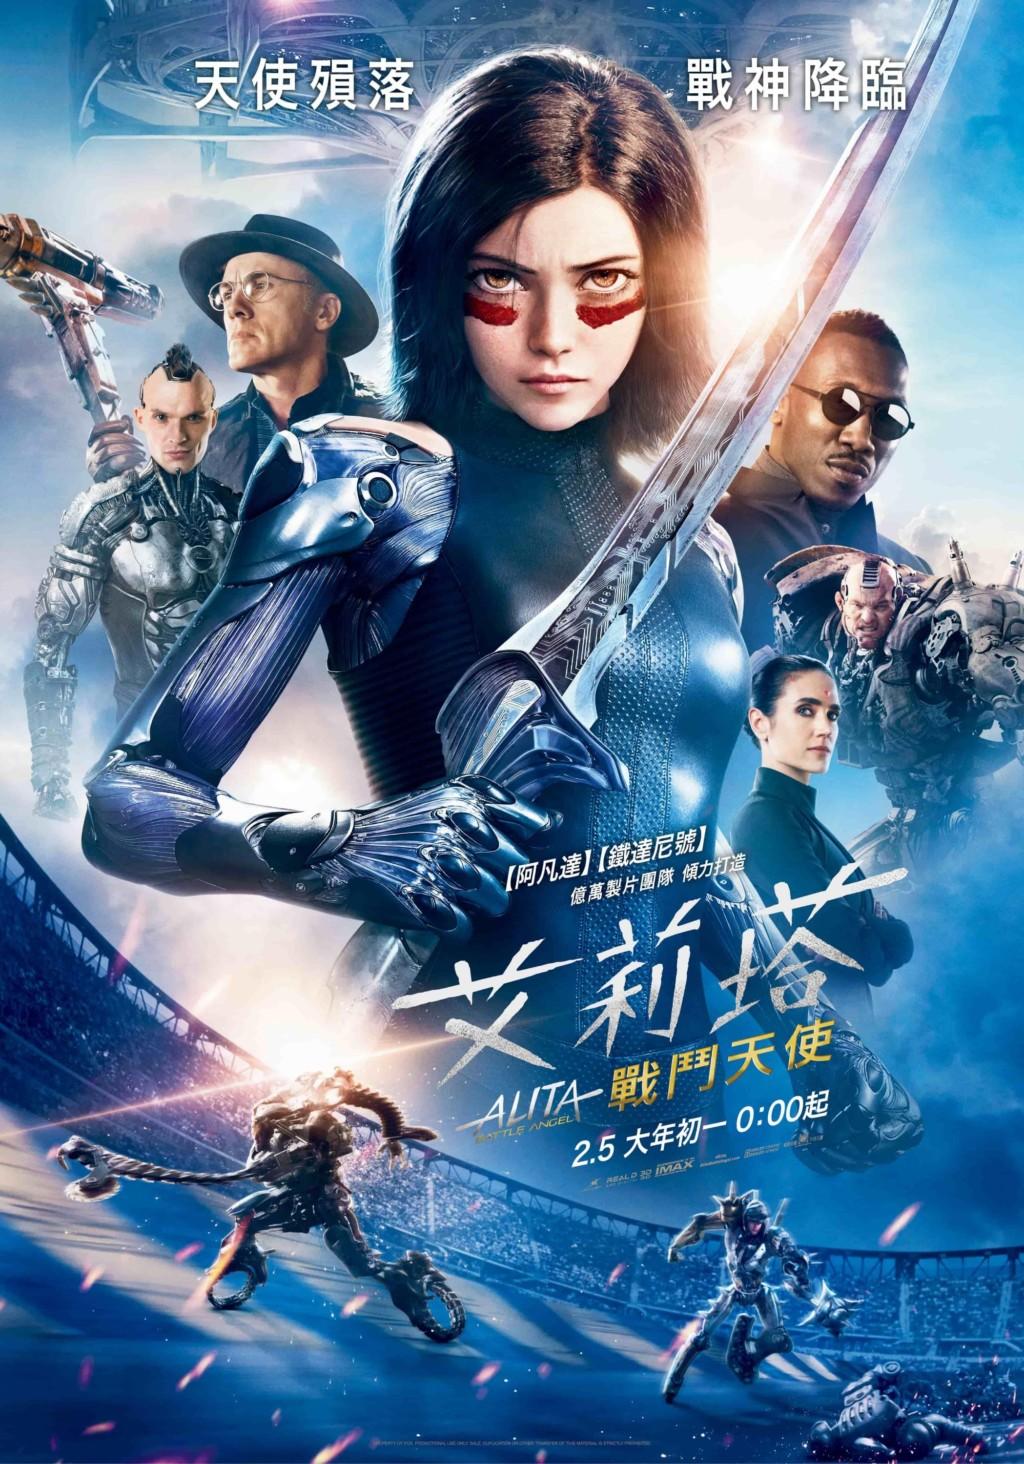 補片必看!台灣2019「電影票房Top10」 2+3名票房「慘輸」冠軍